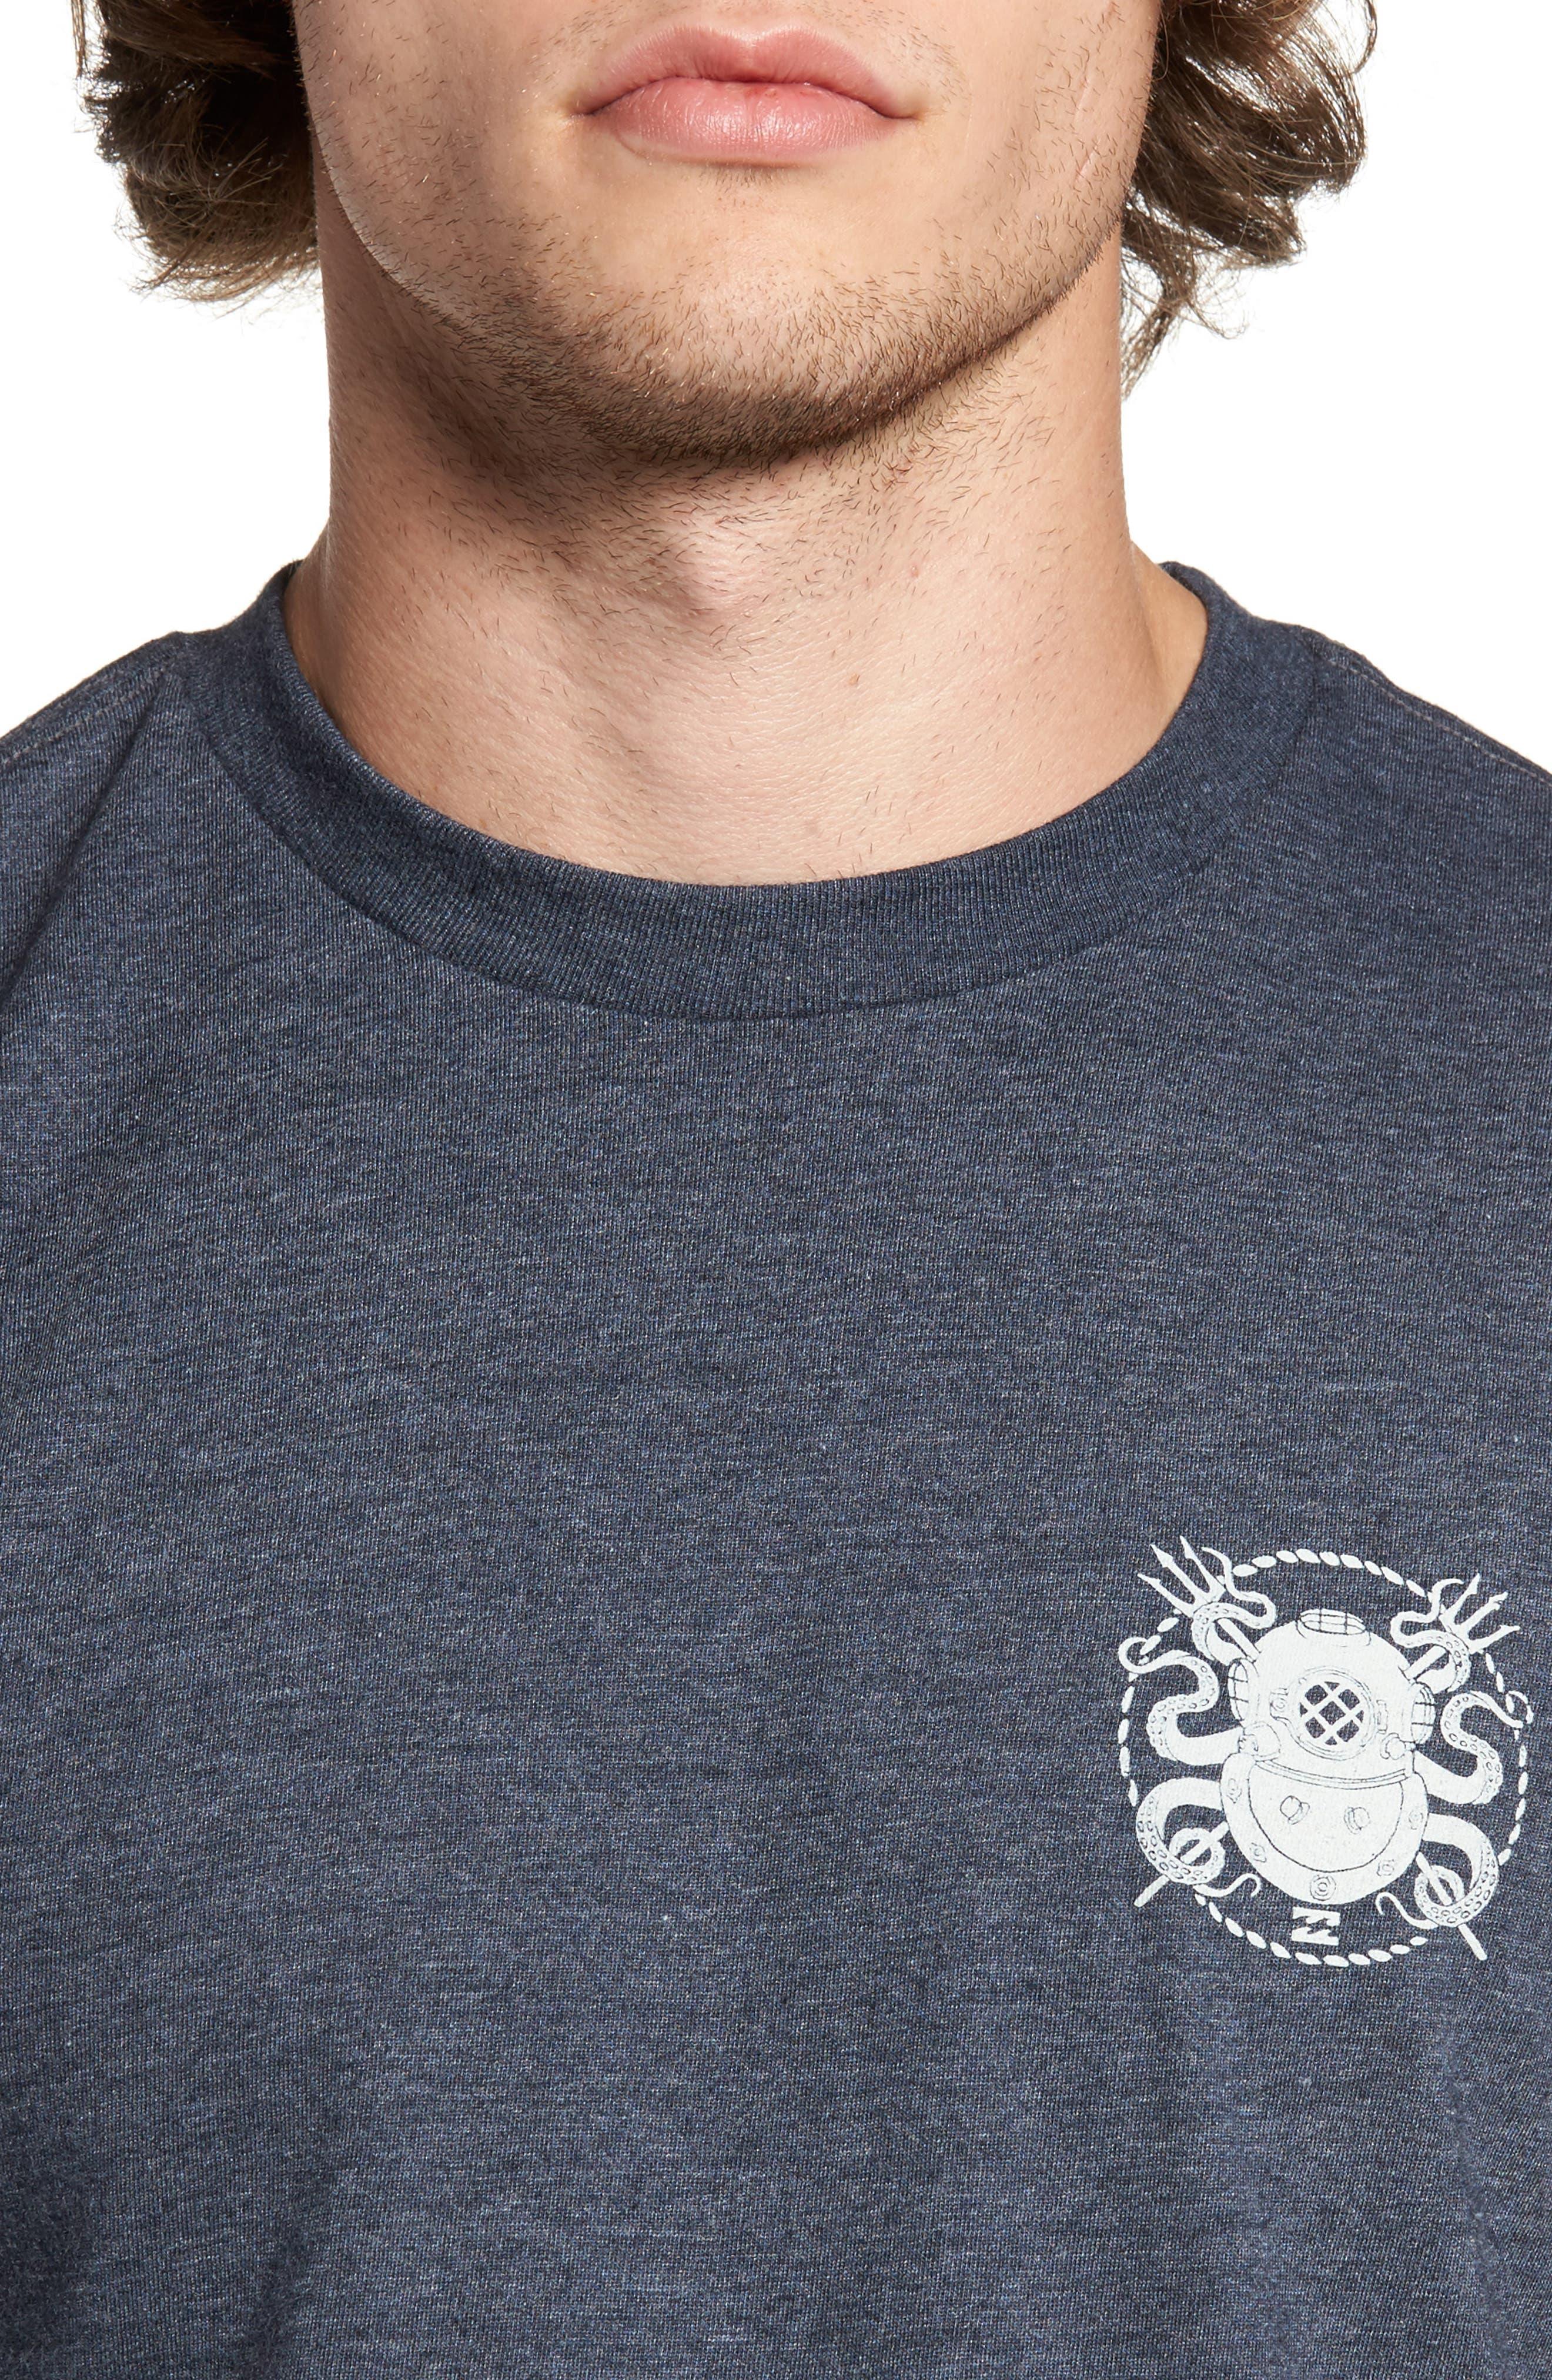 Diver Graphic T-Shirt,                             Alternate thumbnail 4, color,                             412